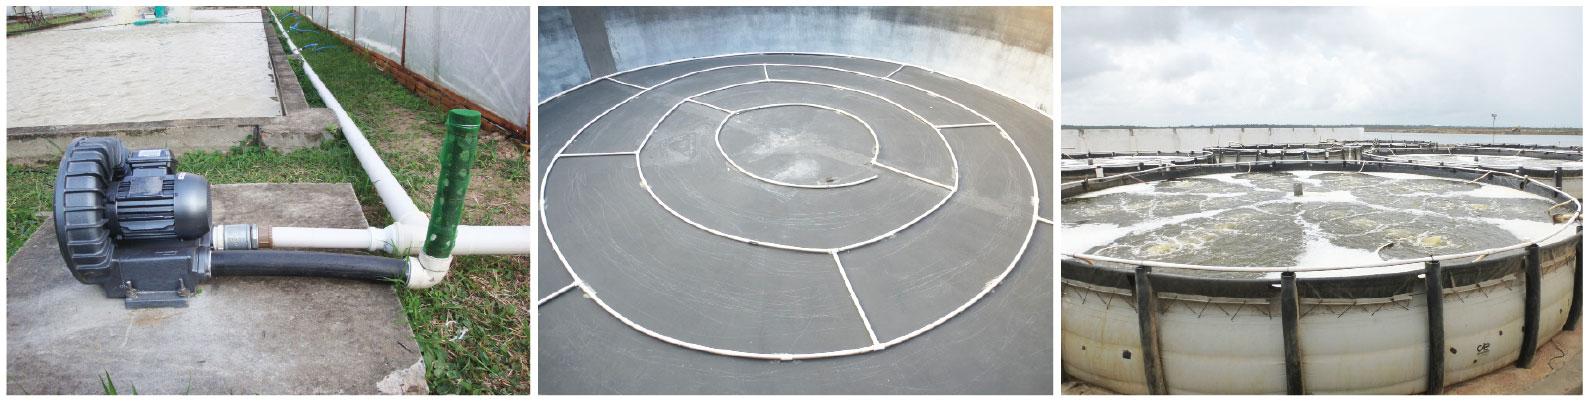 Compressor radial (soprador de ar) e rede de canos para distribuição do ar para as unidades de cultivo Fundo de um tanque berçário de camarão com uma rede de canos perfurados para prover aeração Tanque de vinil usado como berçário de camarão recebendo aeração por ar difuso